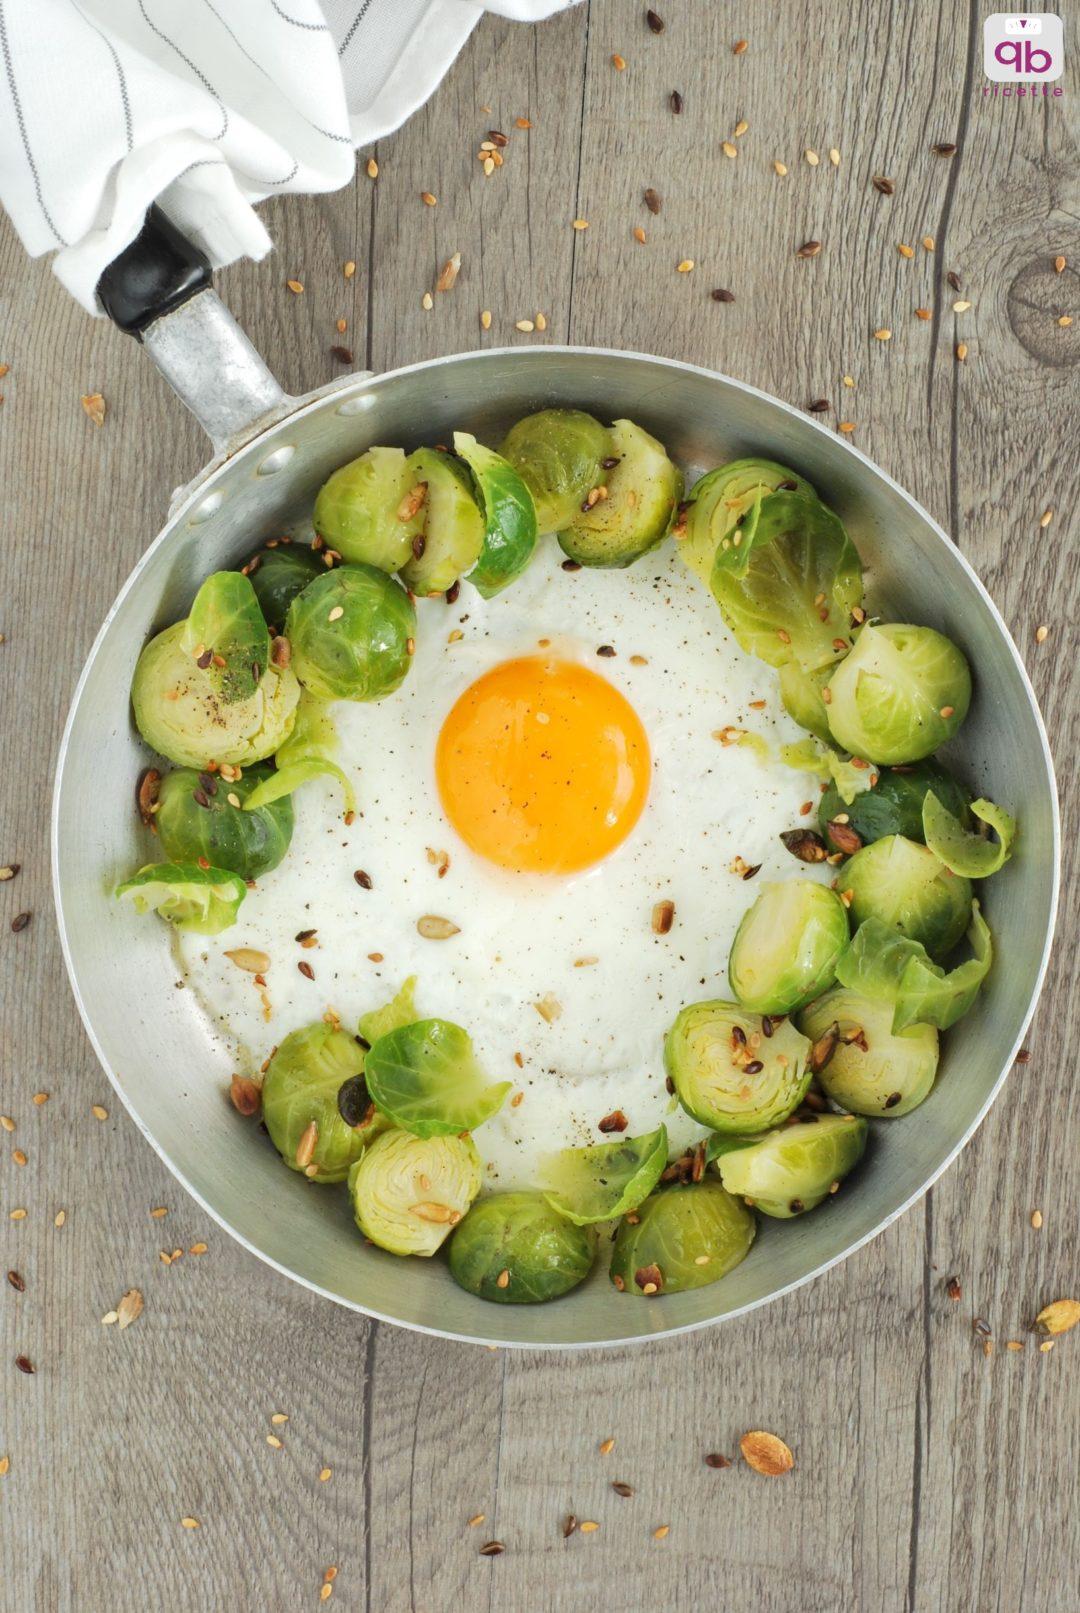 cavoletti cotti al vapore serviti con l'uovo al tegamino